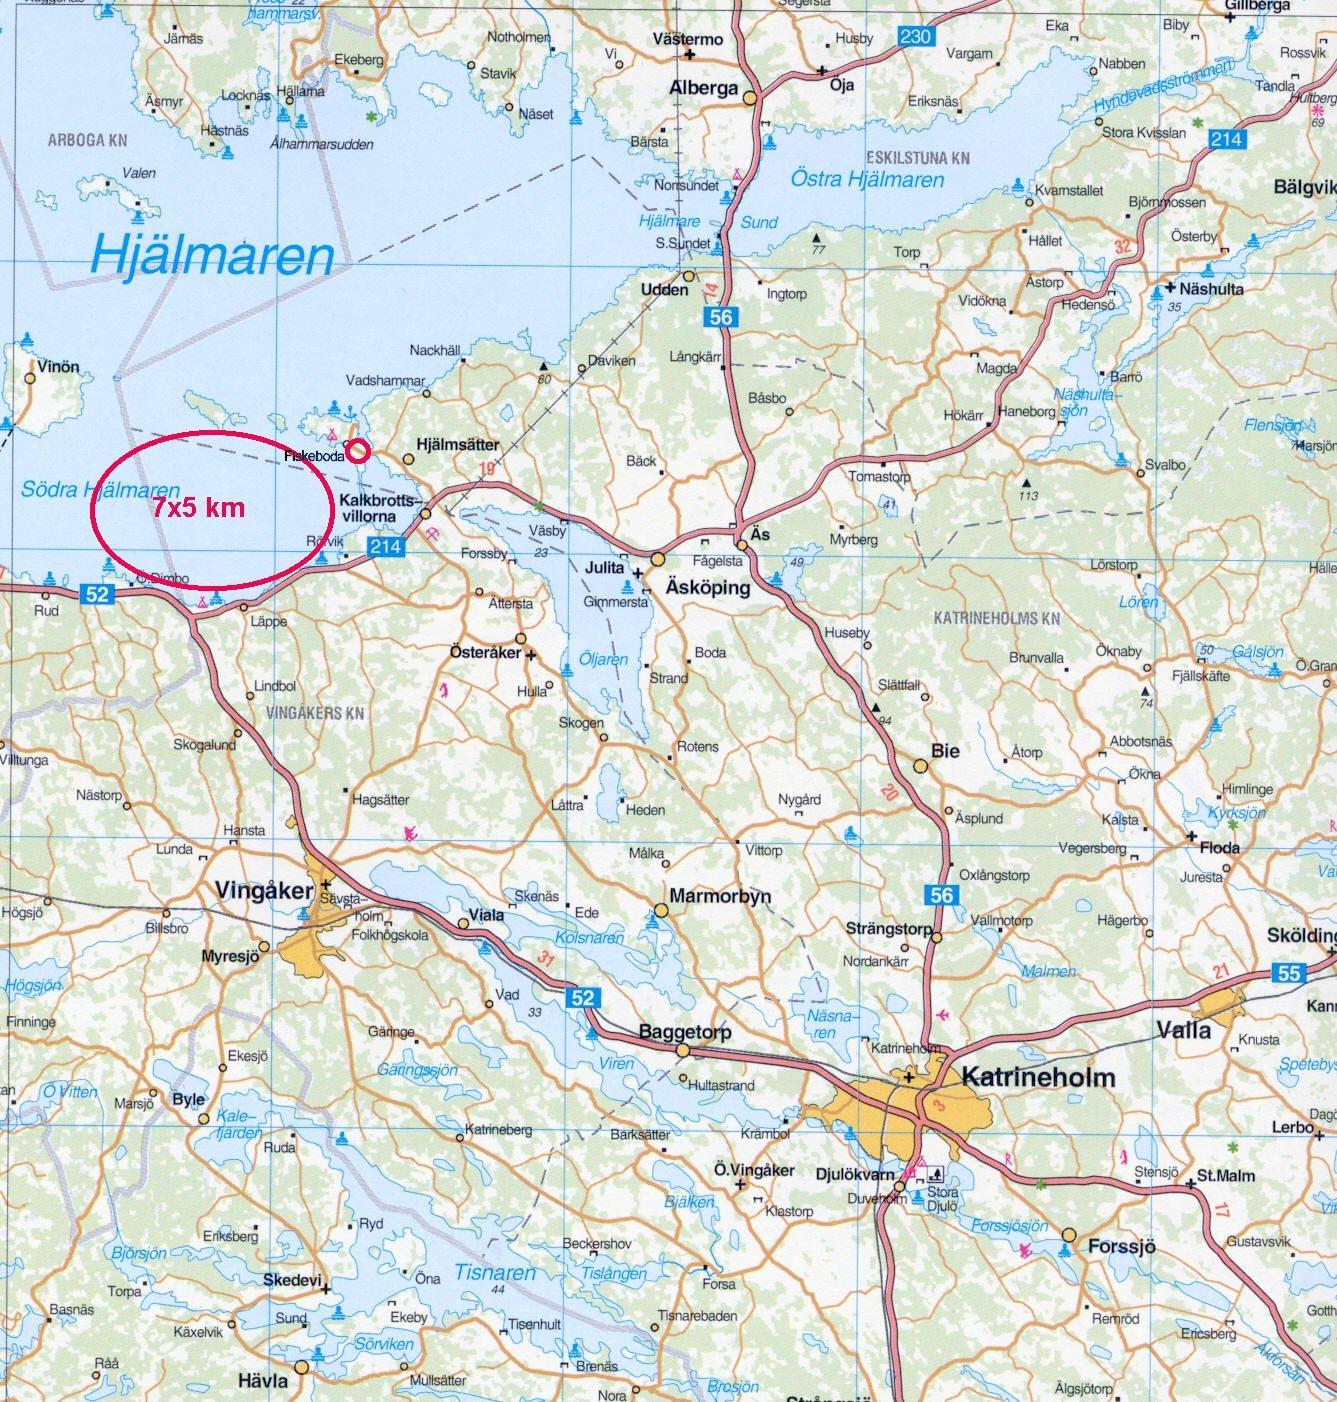 hjälmaren karta Kartor   Maps hjälmaren karta